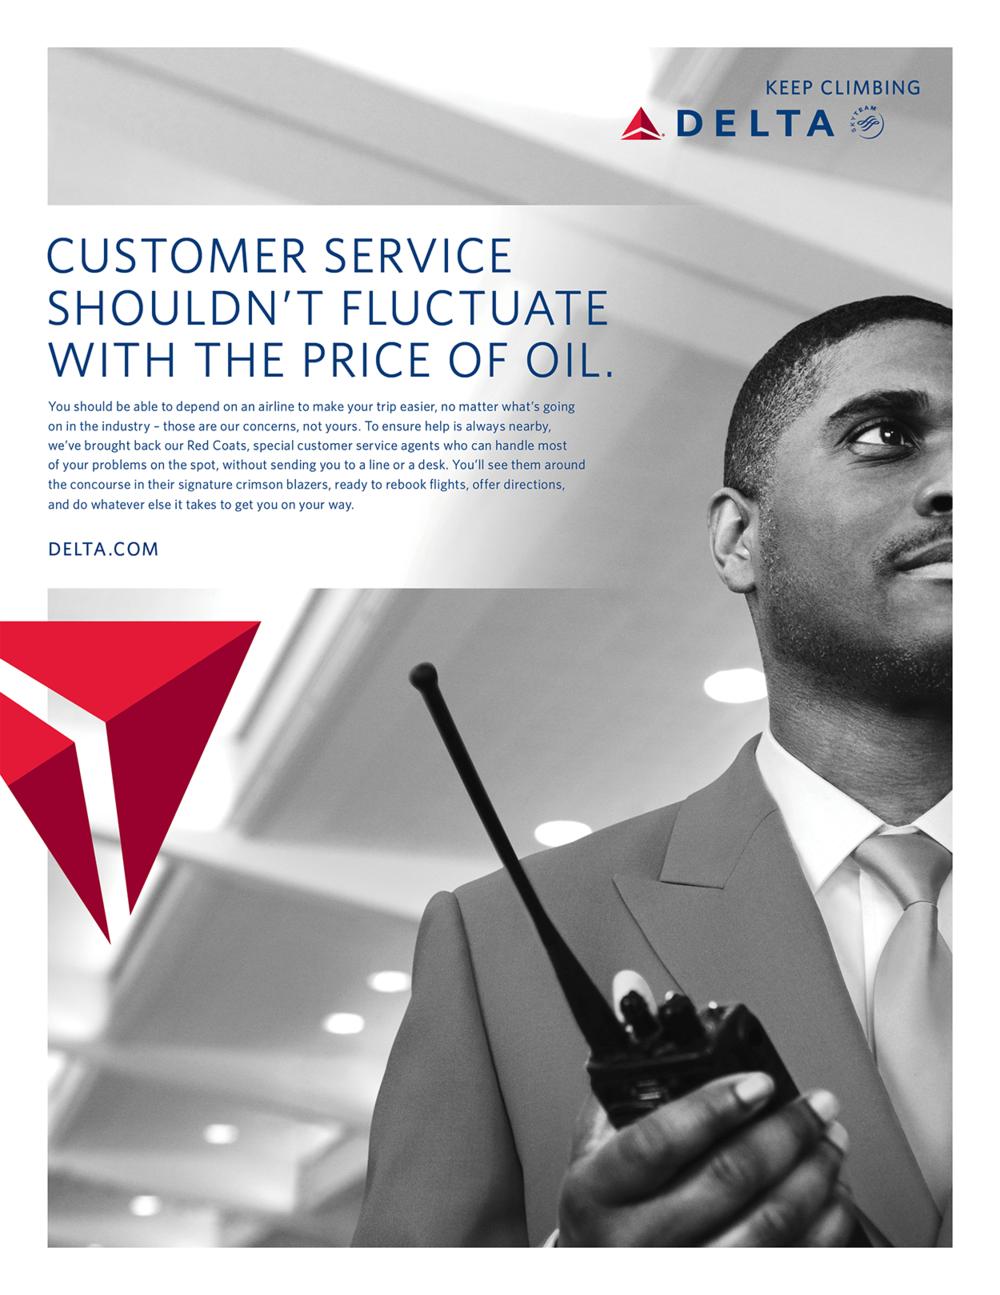 delta_oil_1250_min.png